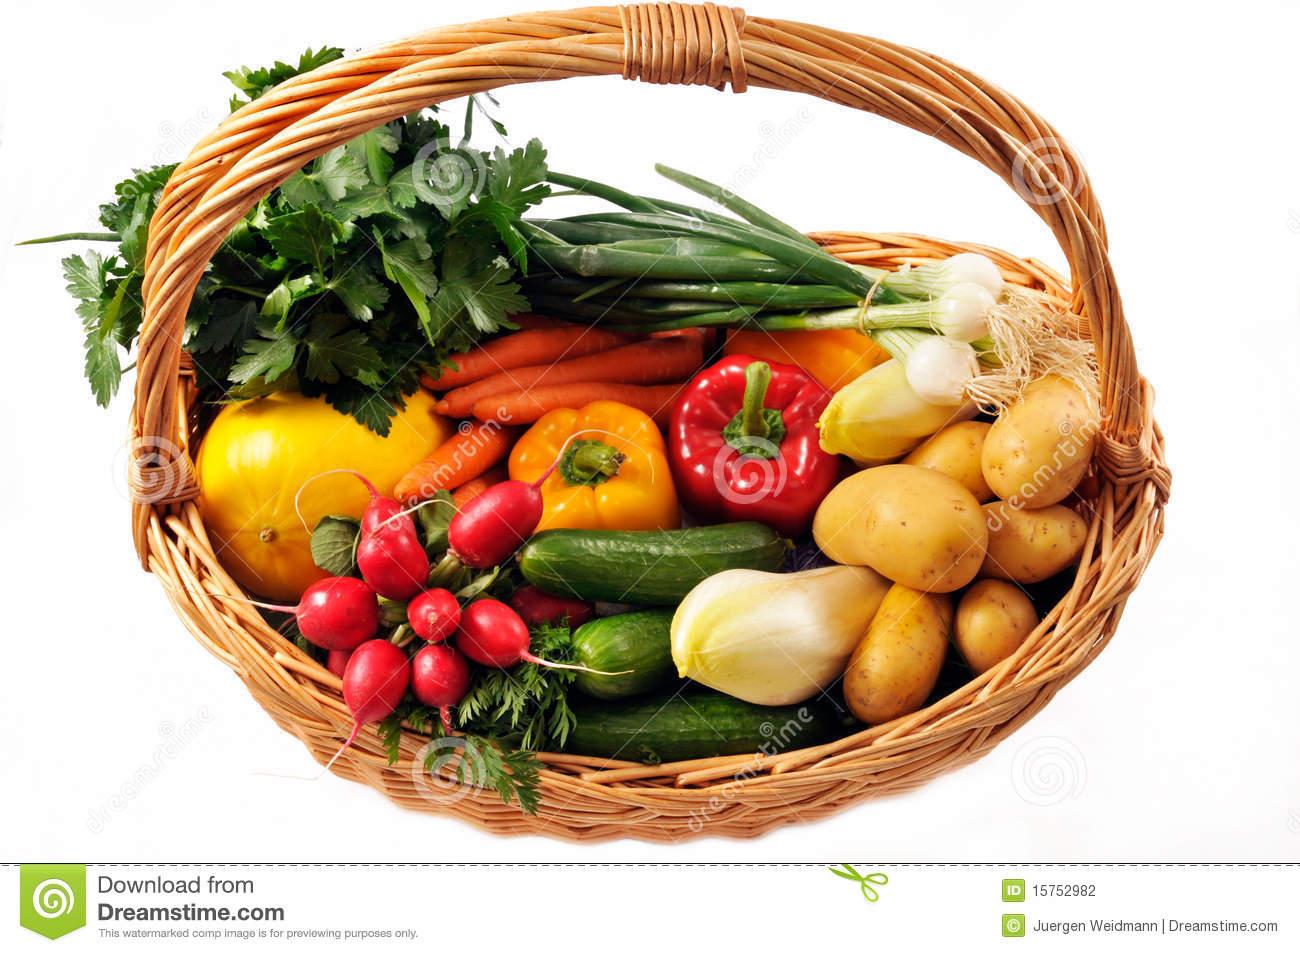 Basket Of Vegetables Clipart : Vegetable basket clipart suggest